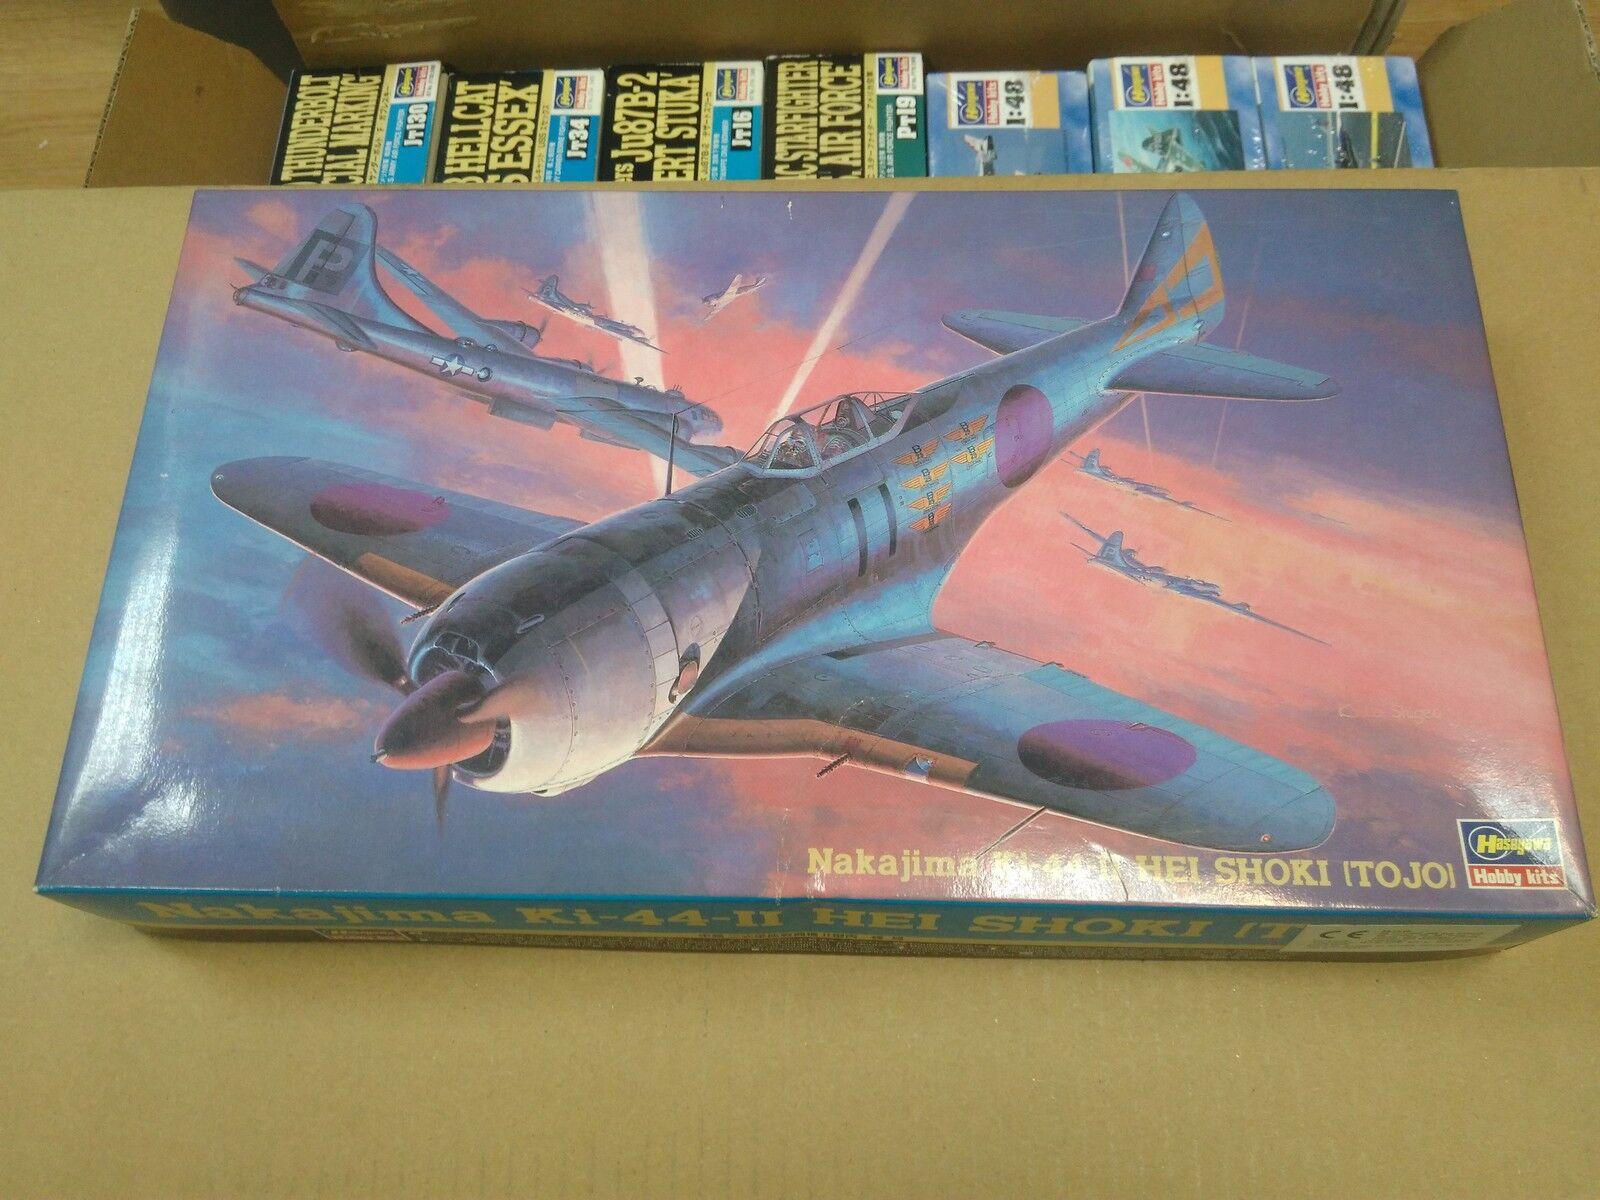 Hasegawa 09136 Nakajima Ki-44 Ki-44 Ki-44 Shoki Tojo  aquí tiene la última